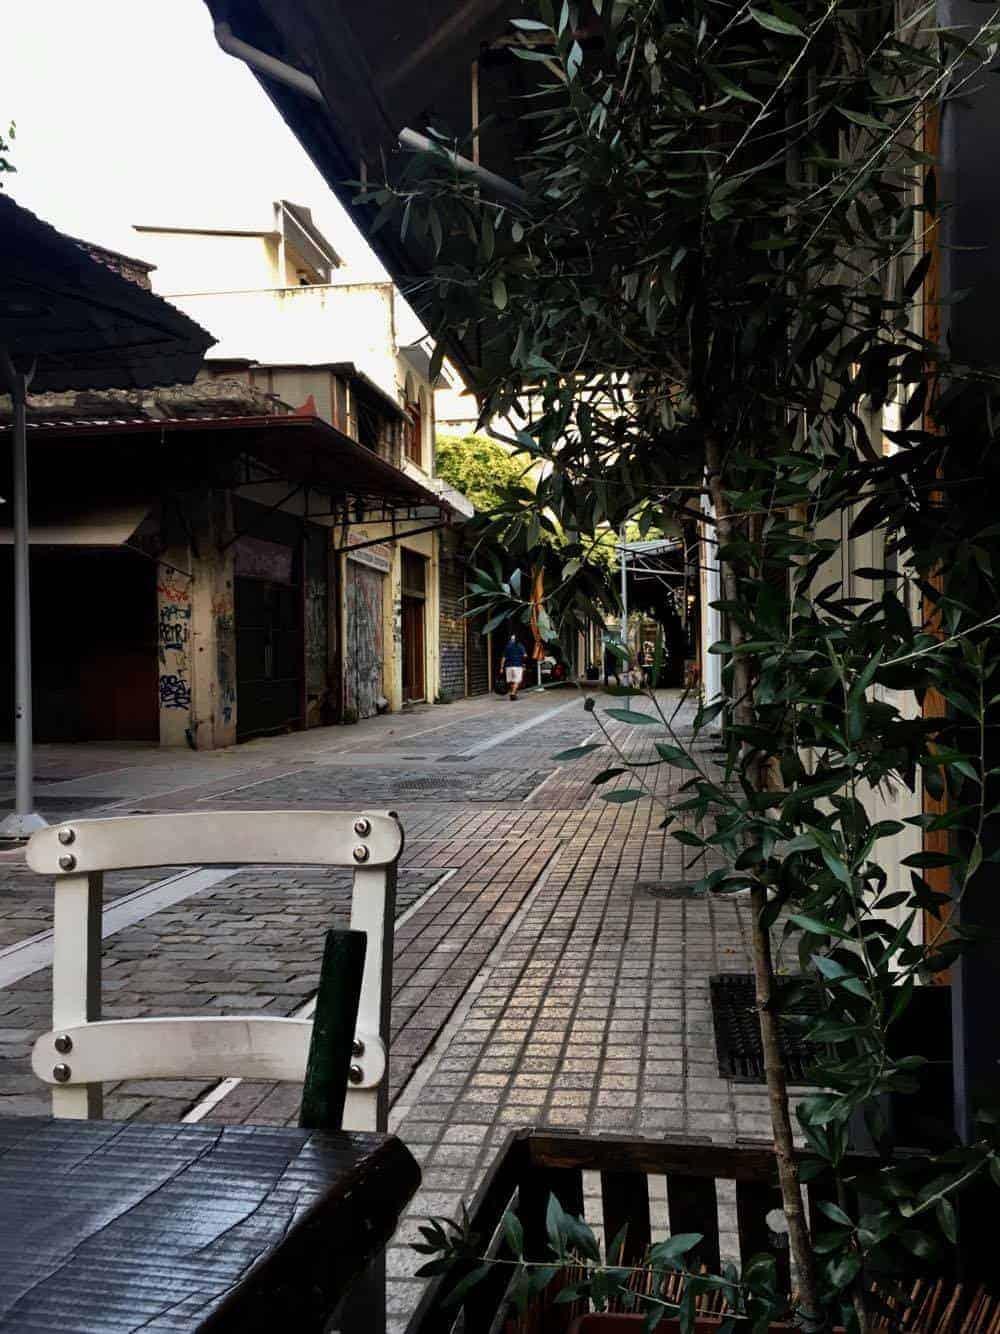 Χορτοφαγική Θεσσαλονίκη. maninio.com